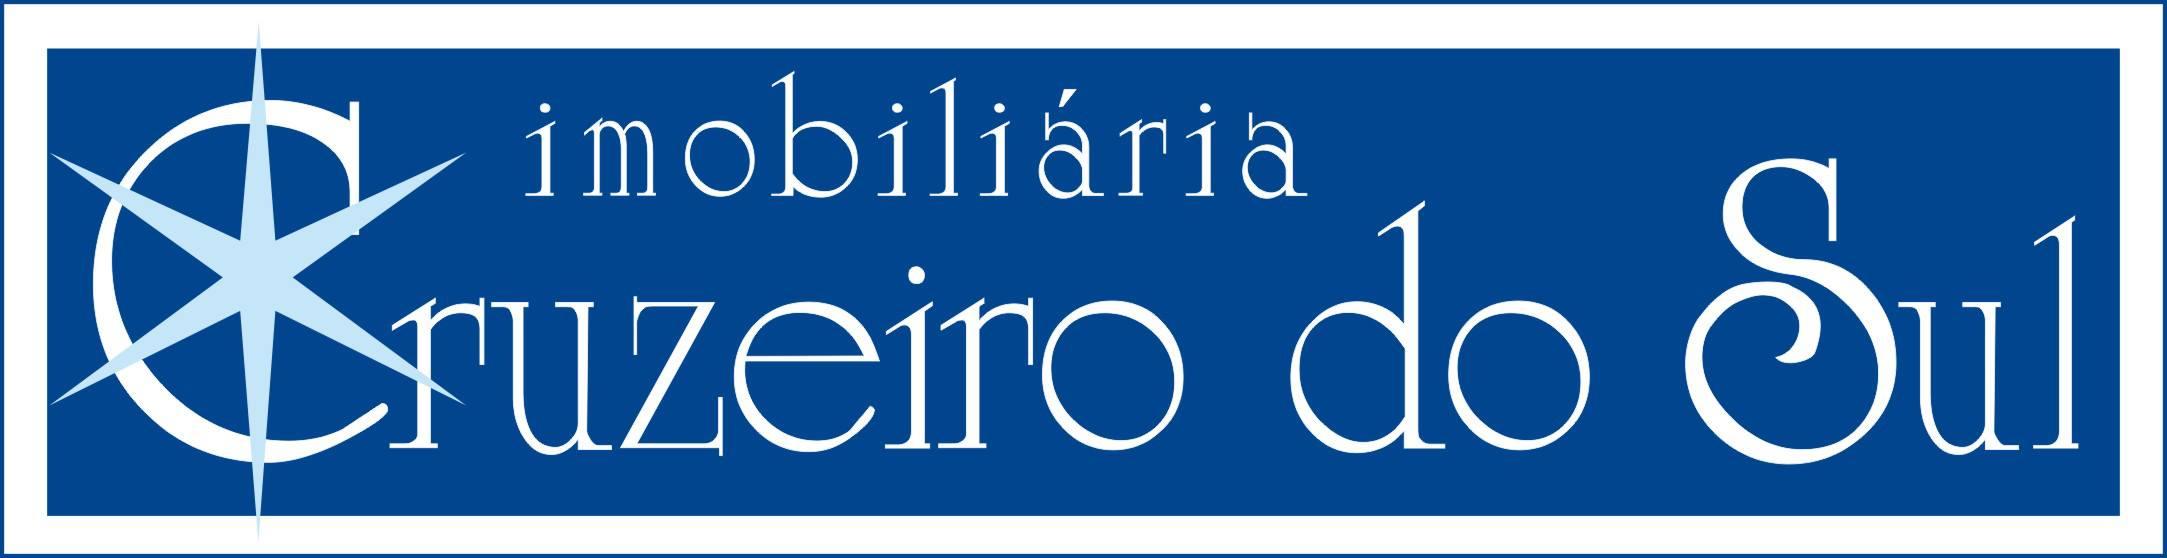 Imobiliária Cruzeiro do Sul